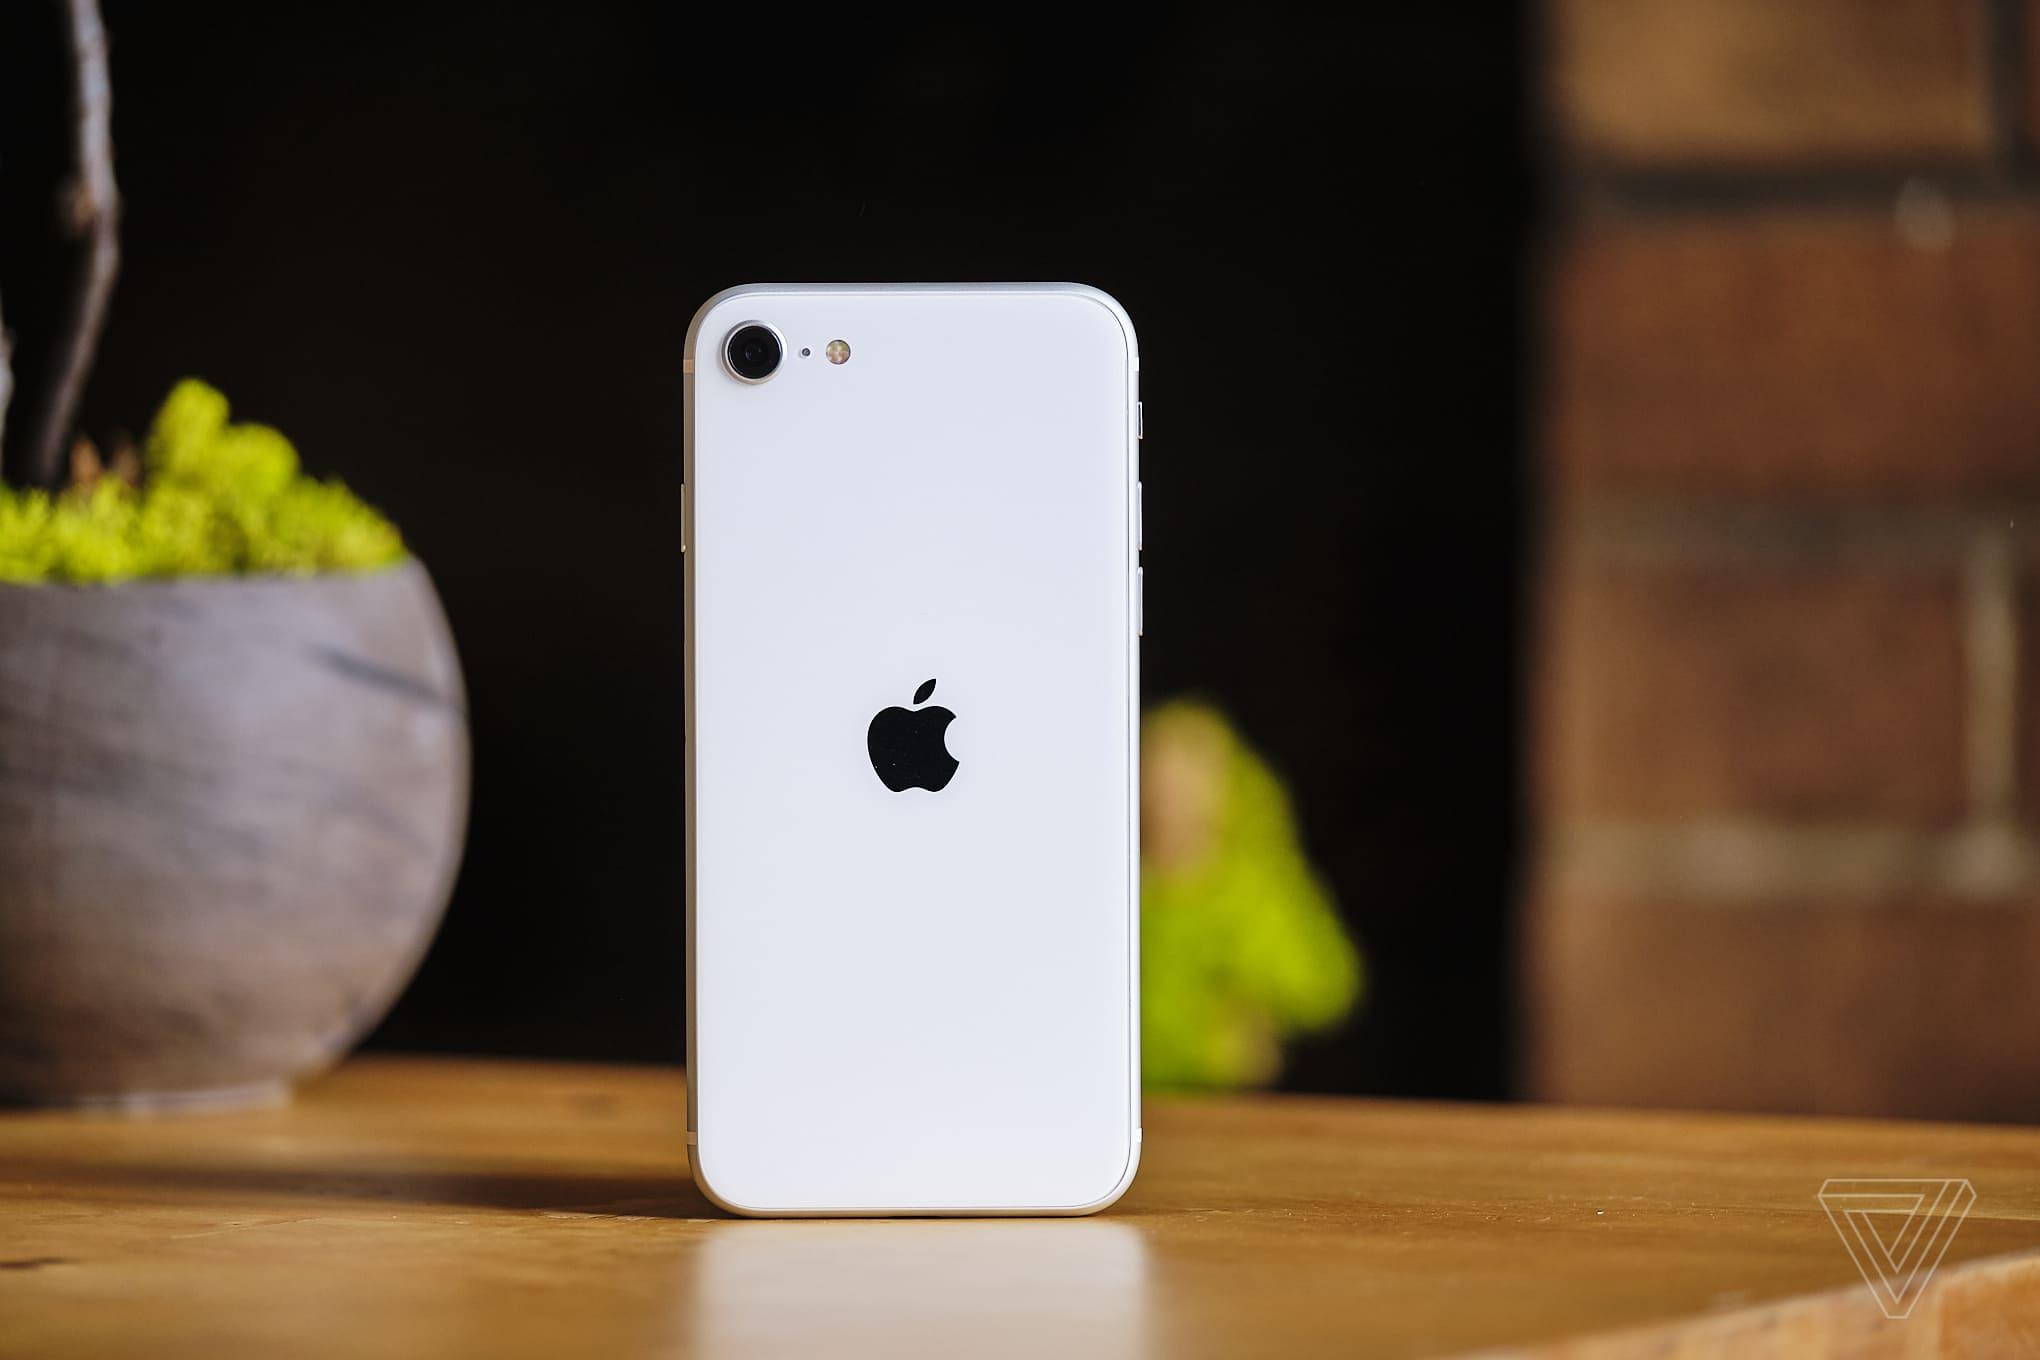 Đánh giá iPhone SE 2020: Chiếc điện thoại Quả Táo